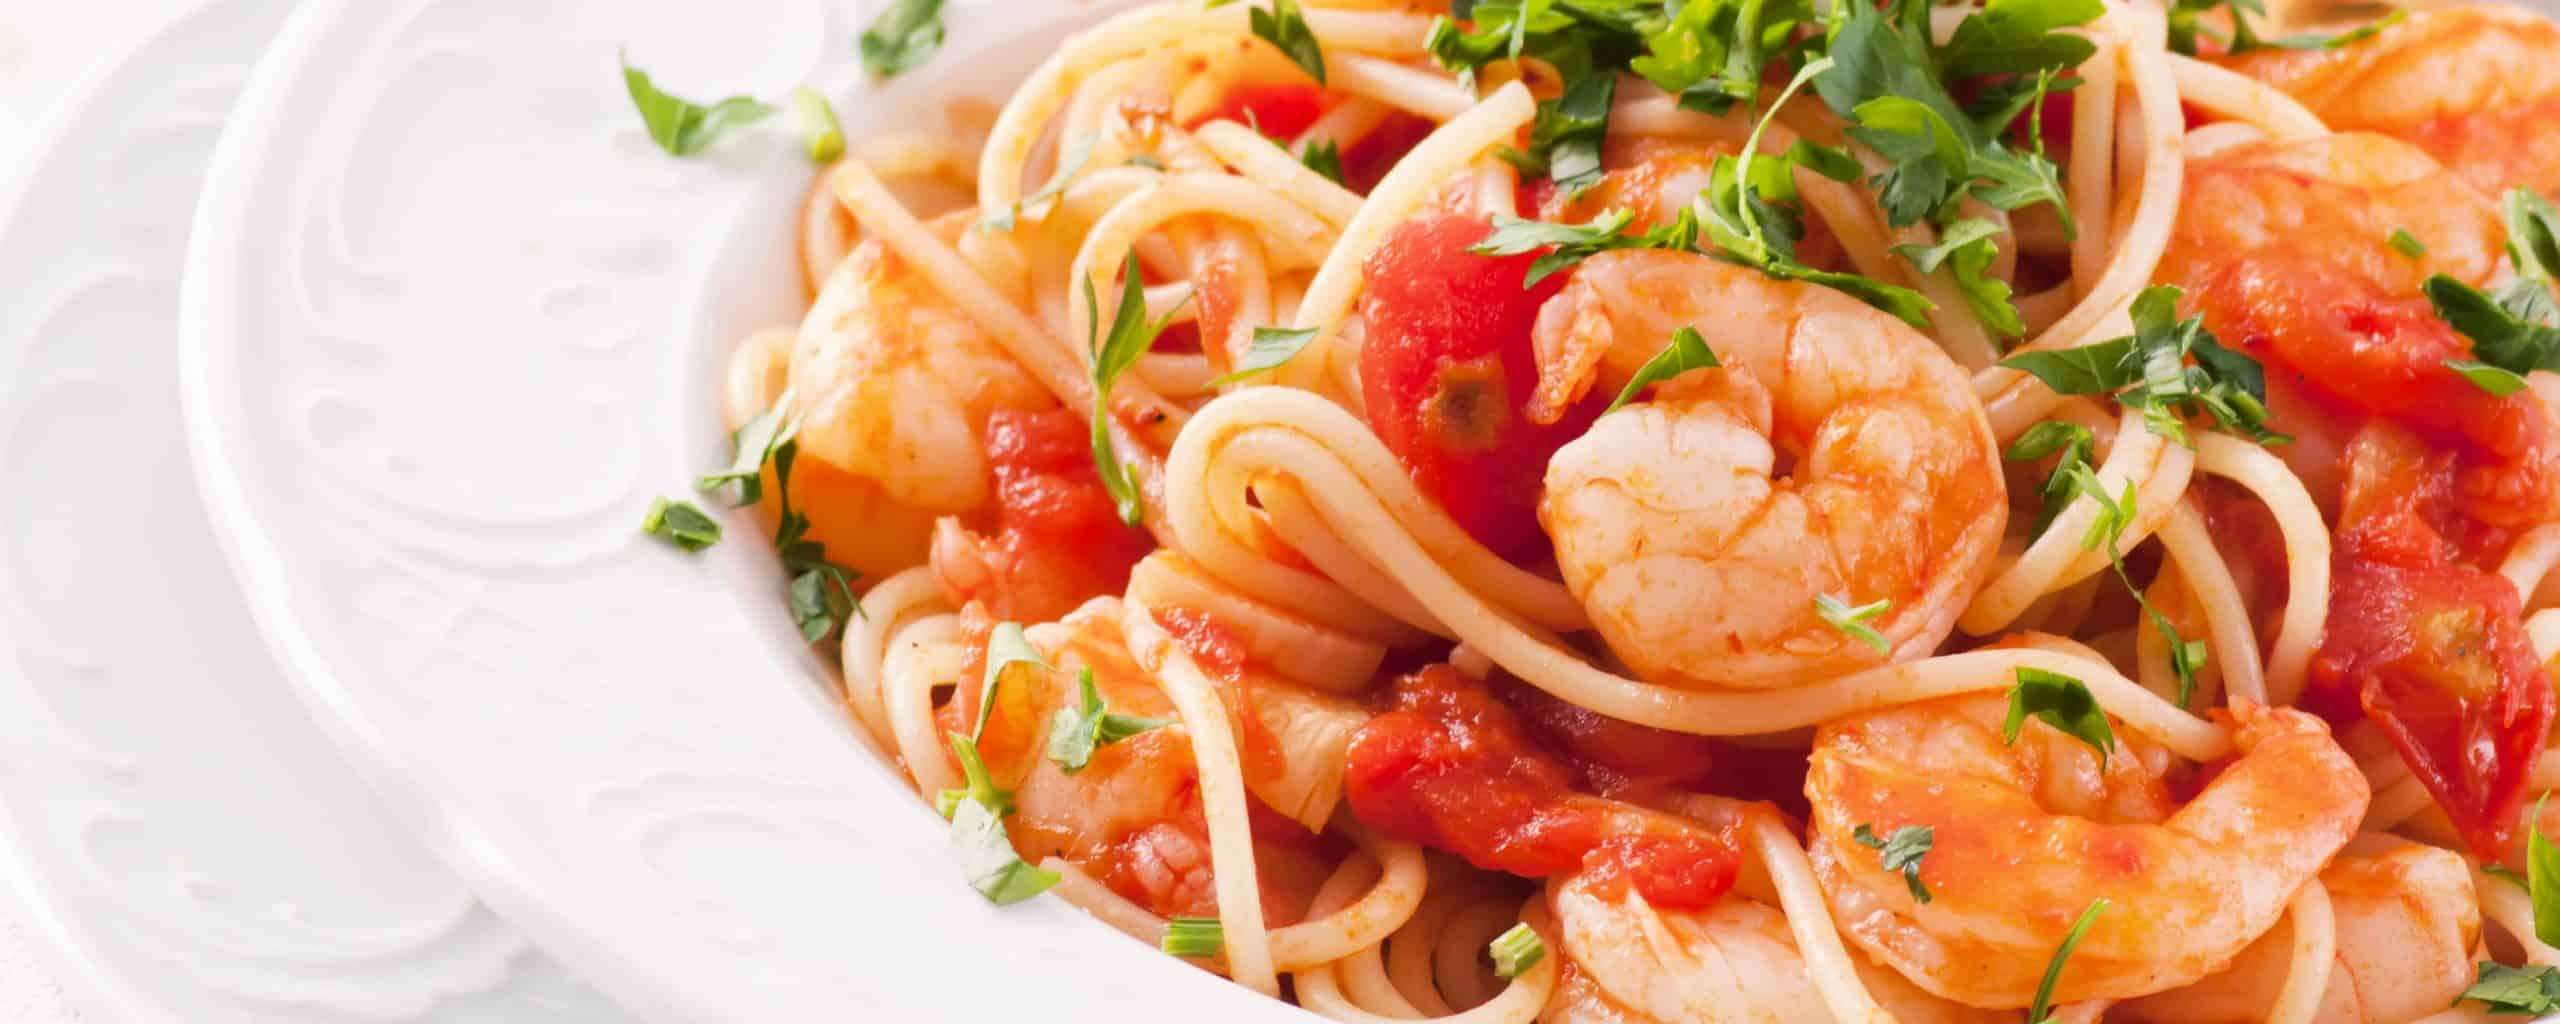 Gorji Gourmet Sauces and Shrimp dish.